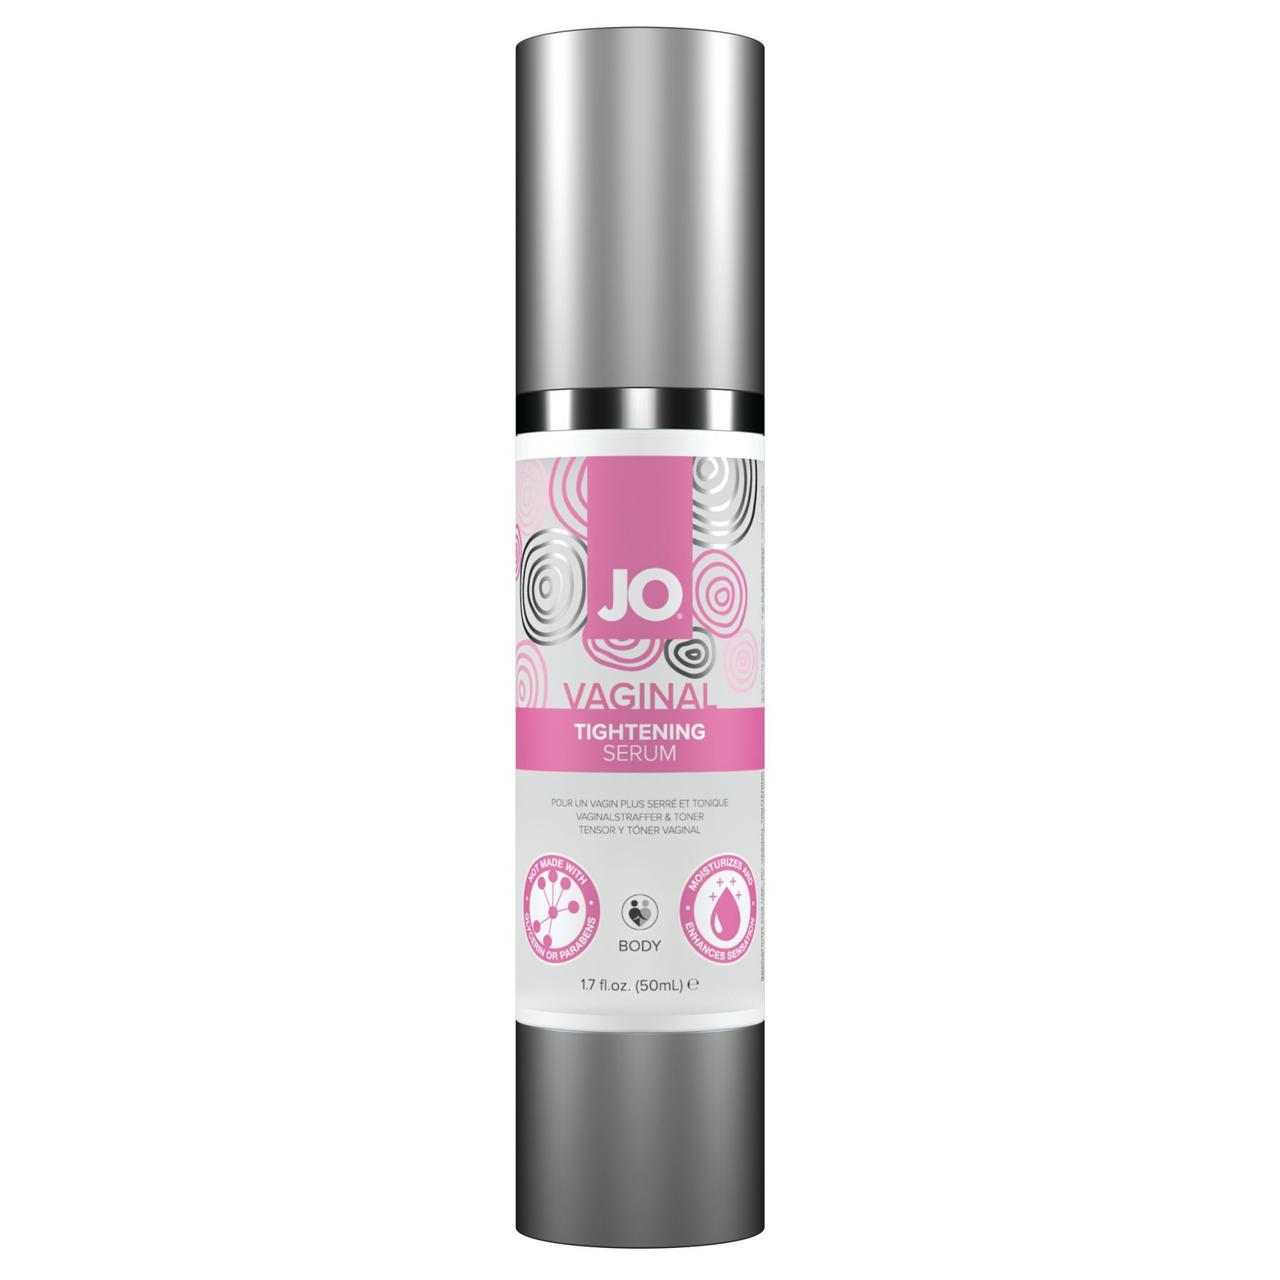 Гель для сужения влагалища System JO Vaginal Tightening Serum (50 мл) с охлаждающе-вибрирующим эфф. SO2450